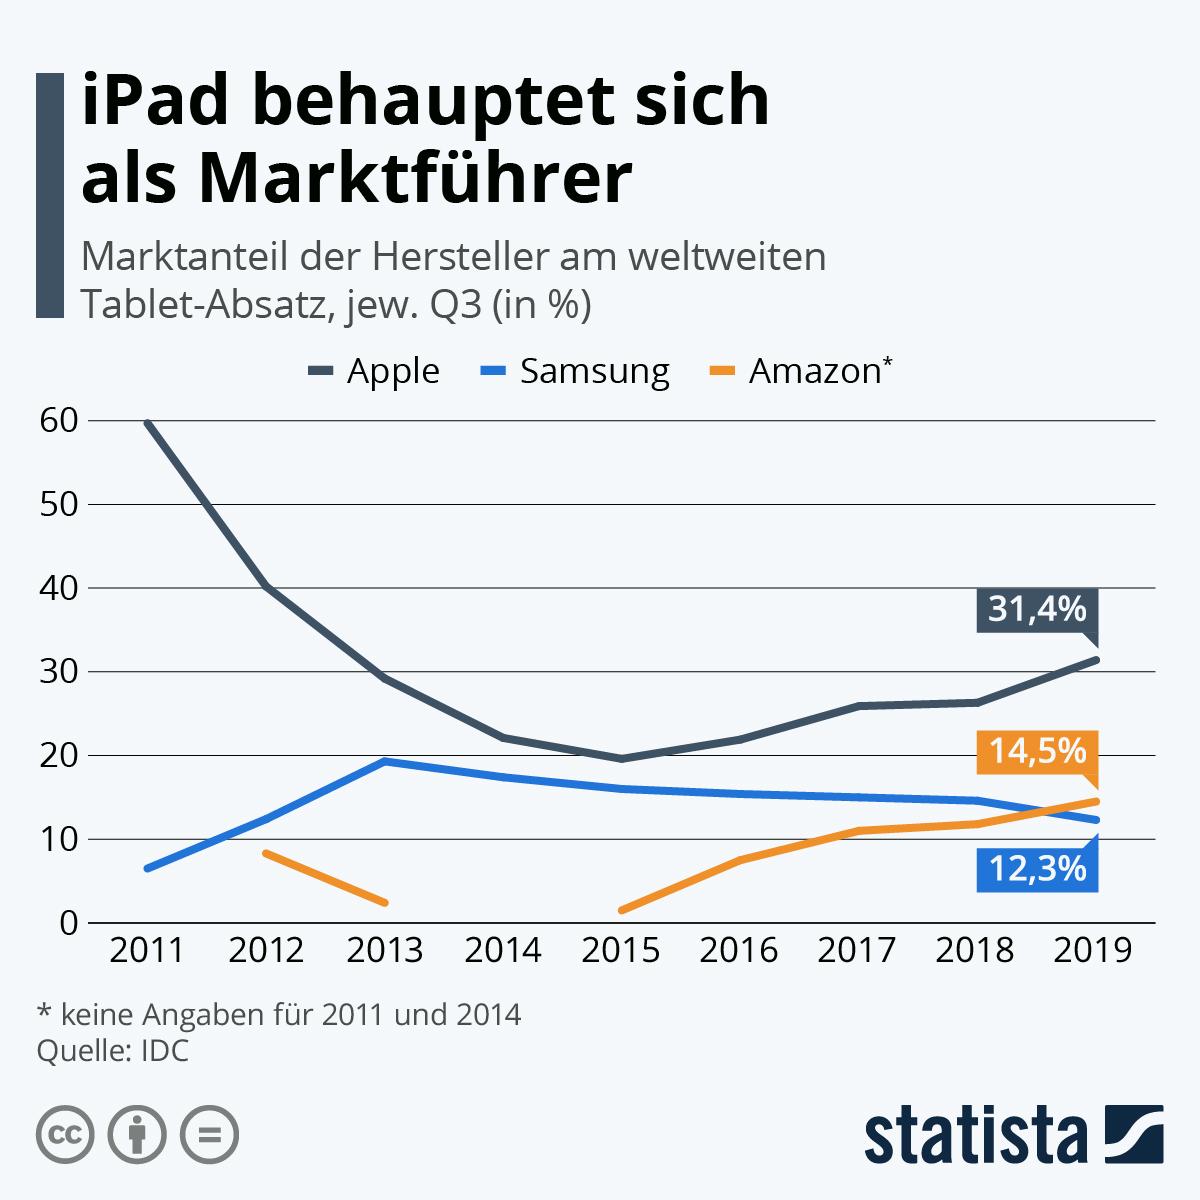 Infografik: iPad behauptet sich als Marktführer | Statista